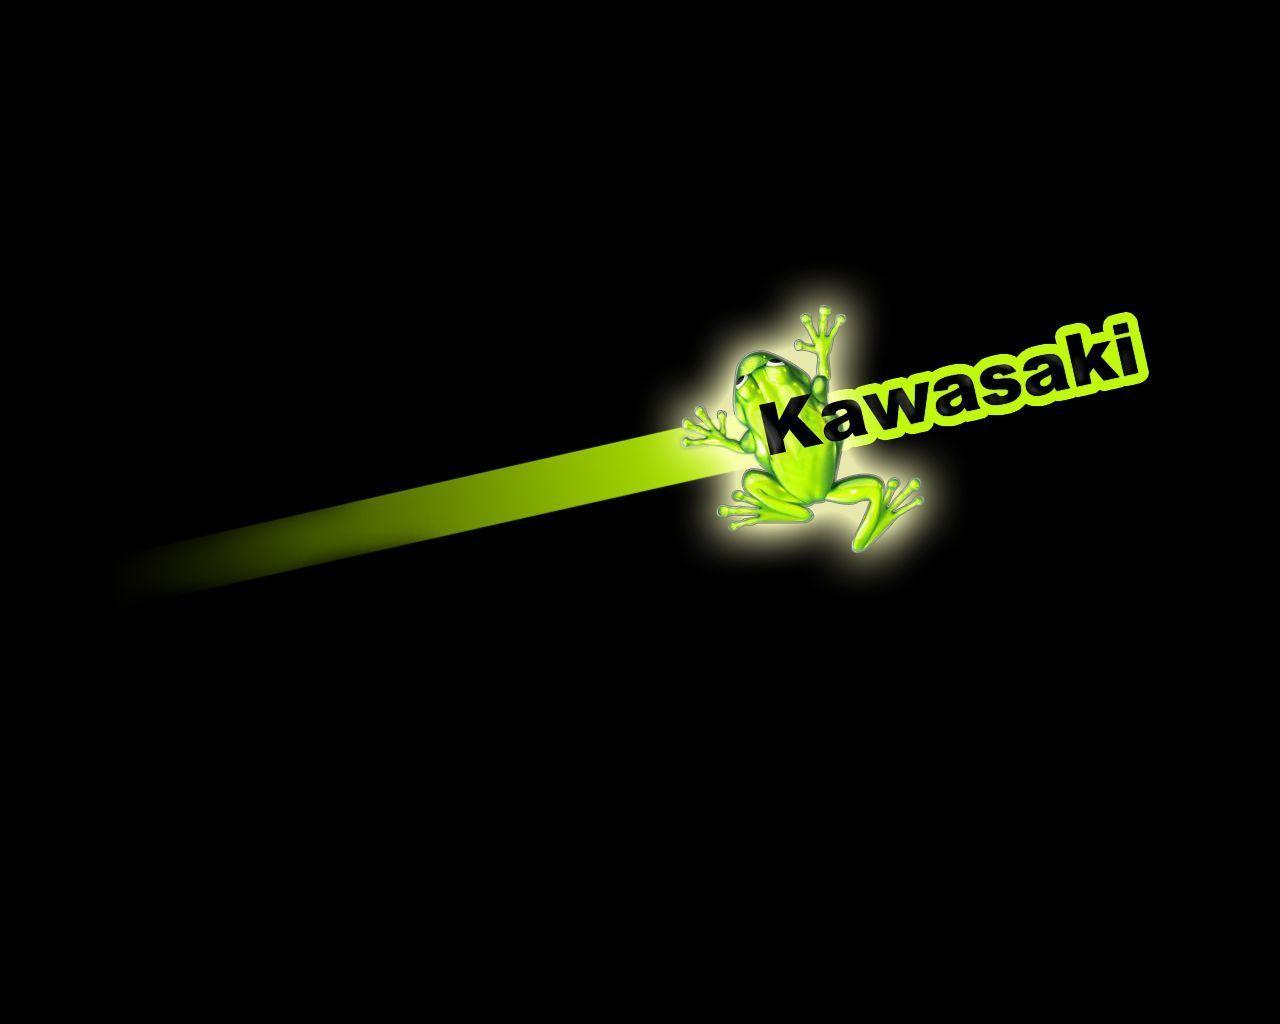 Kawasaki Logo Wallpapers Top Free Kawasaki Logo